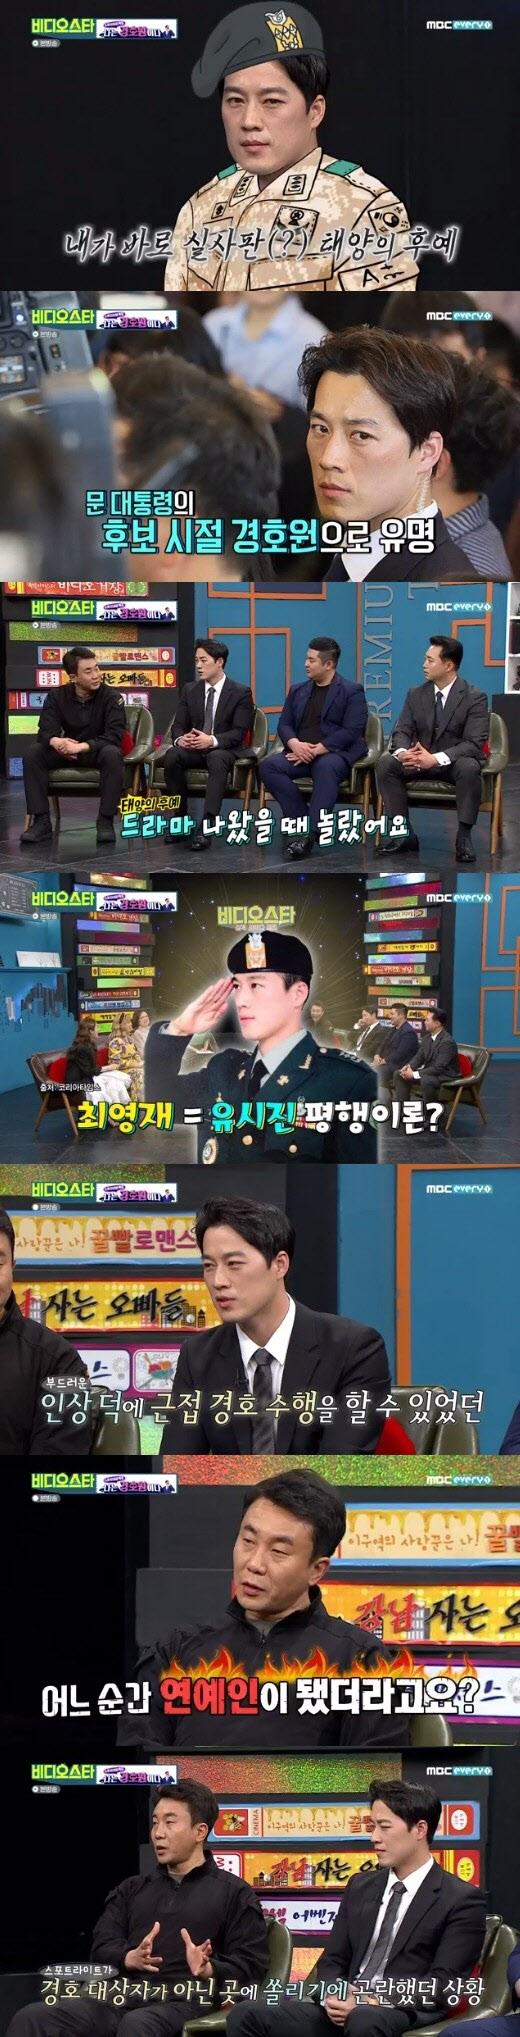 """文 대통령 경호원 최영재 """"'태후' 송중기=내 얘기"""""""